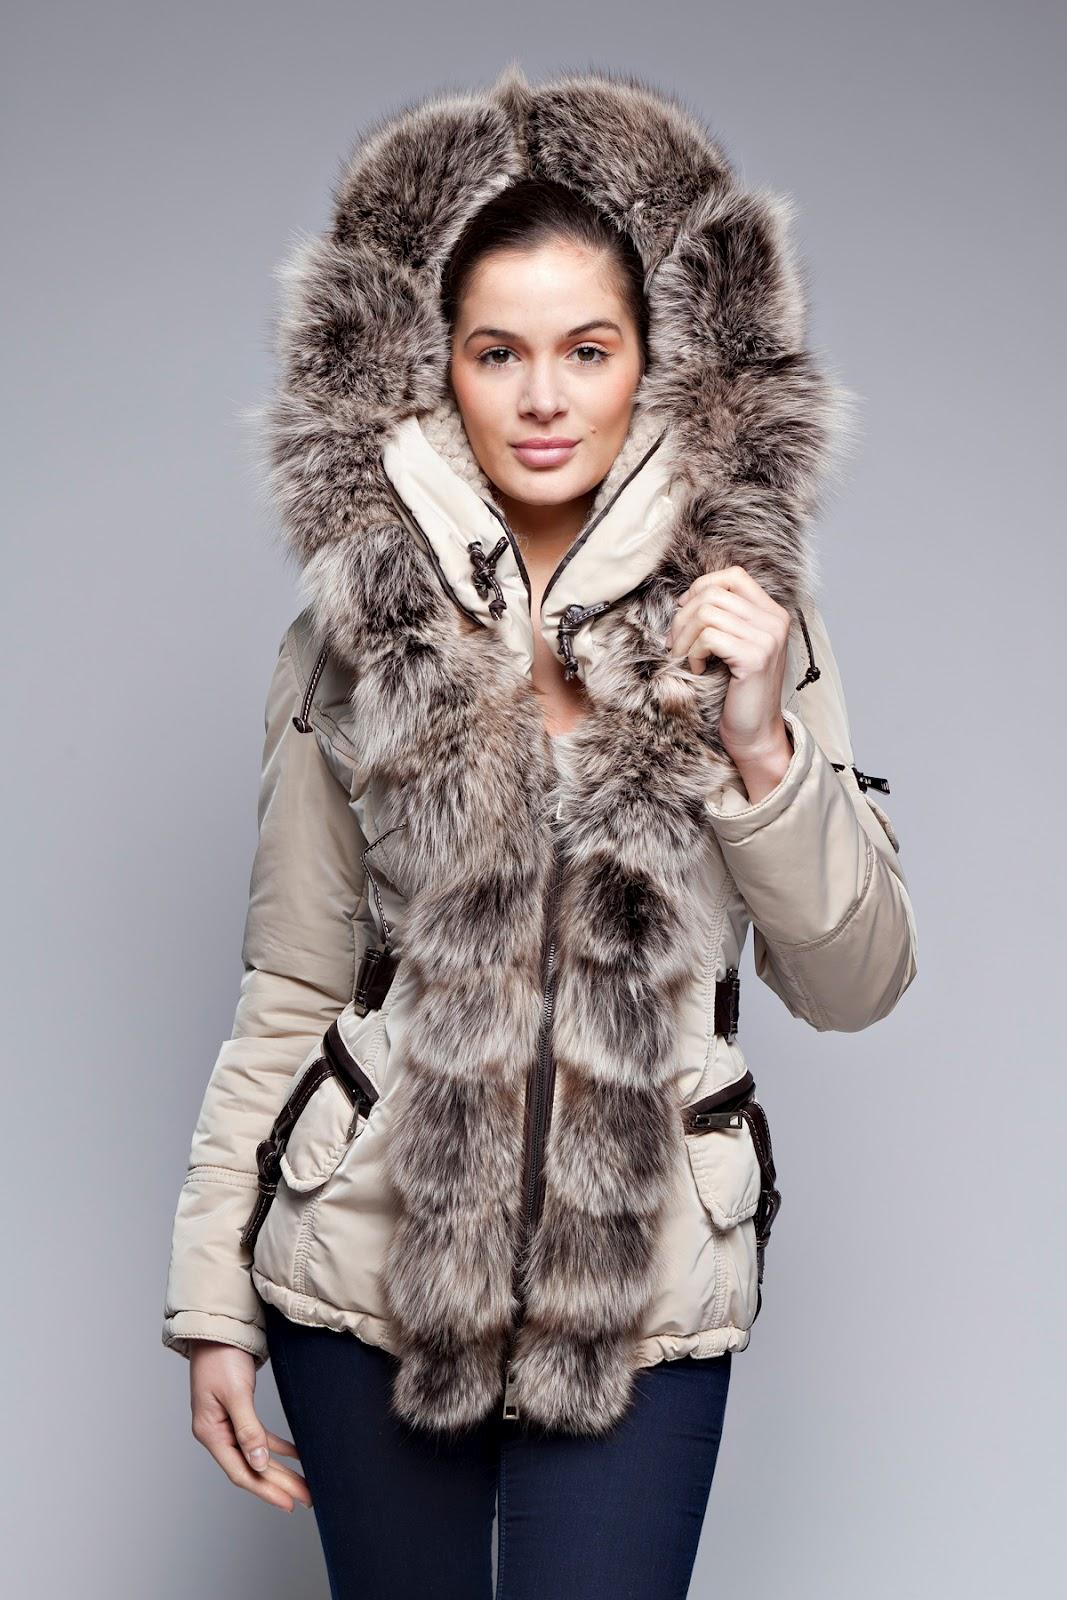 manteau fourrure magnifique manteau fourrure gulia pour femme. Black Bedroom Furniture Sets. Home Design Ideas